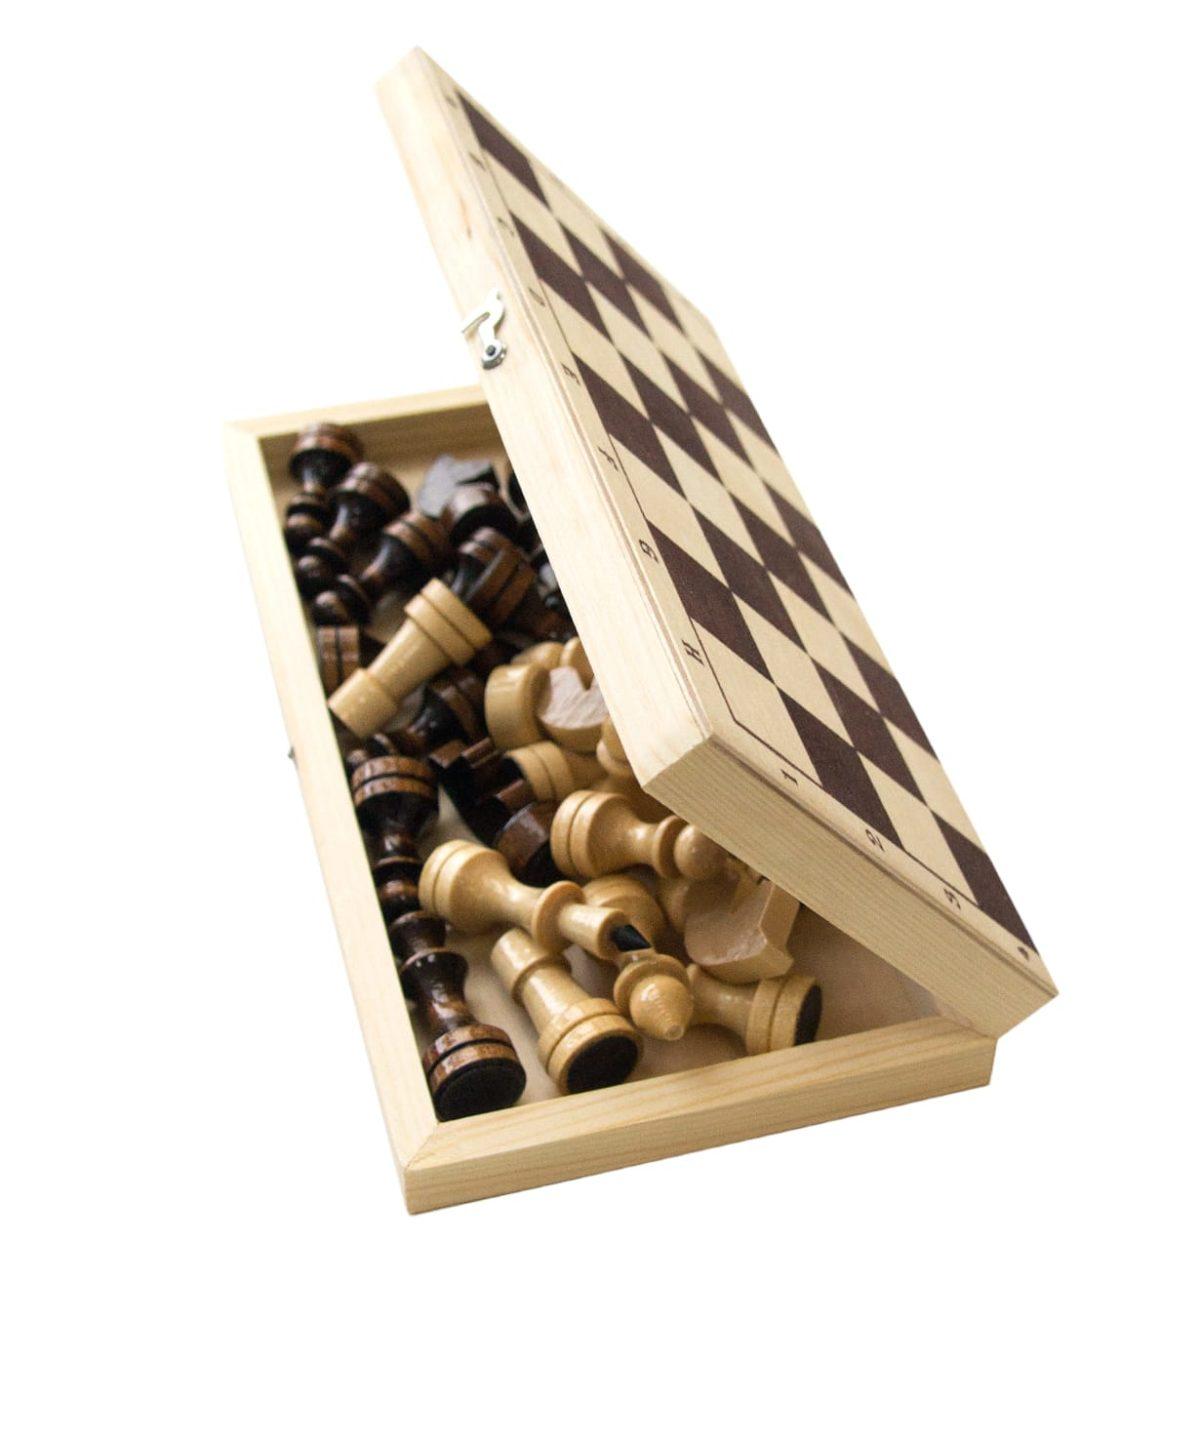 Шахматы обиходные, лакированные  2772 - 2